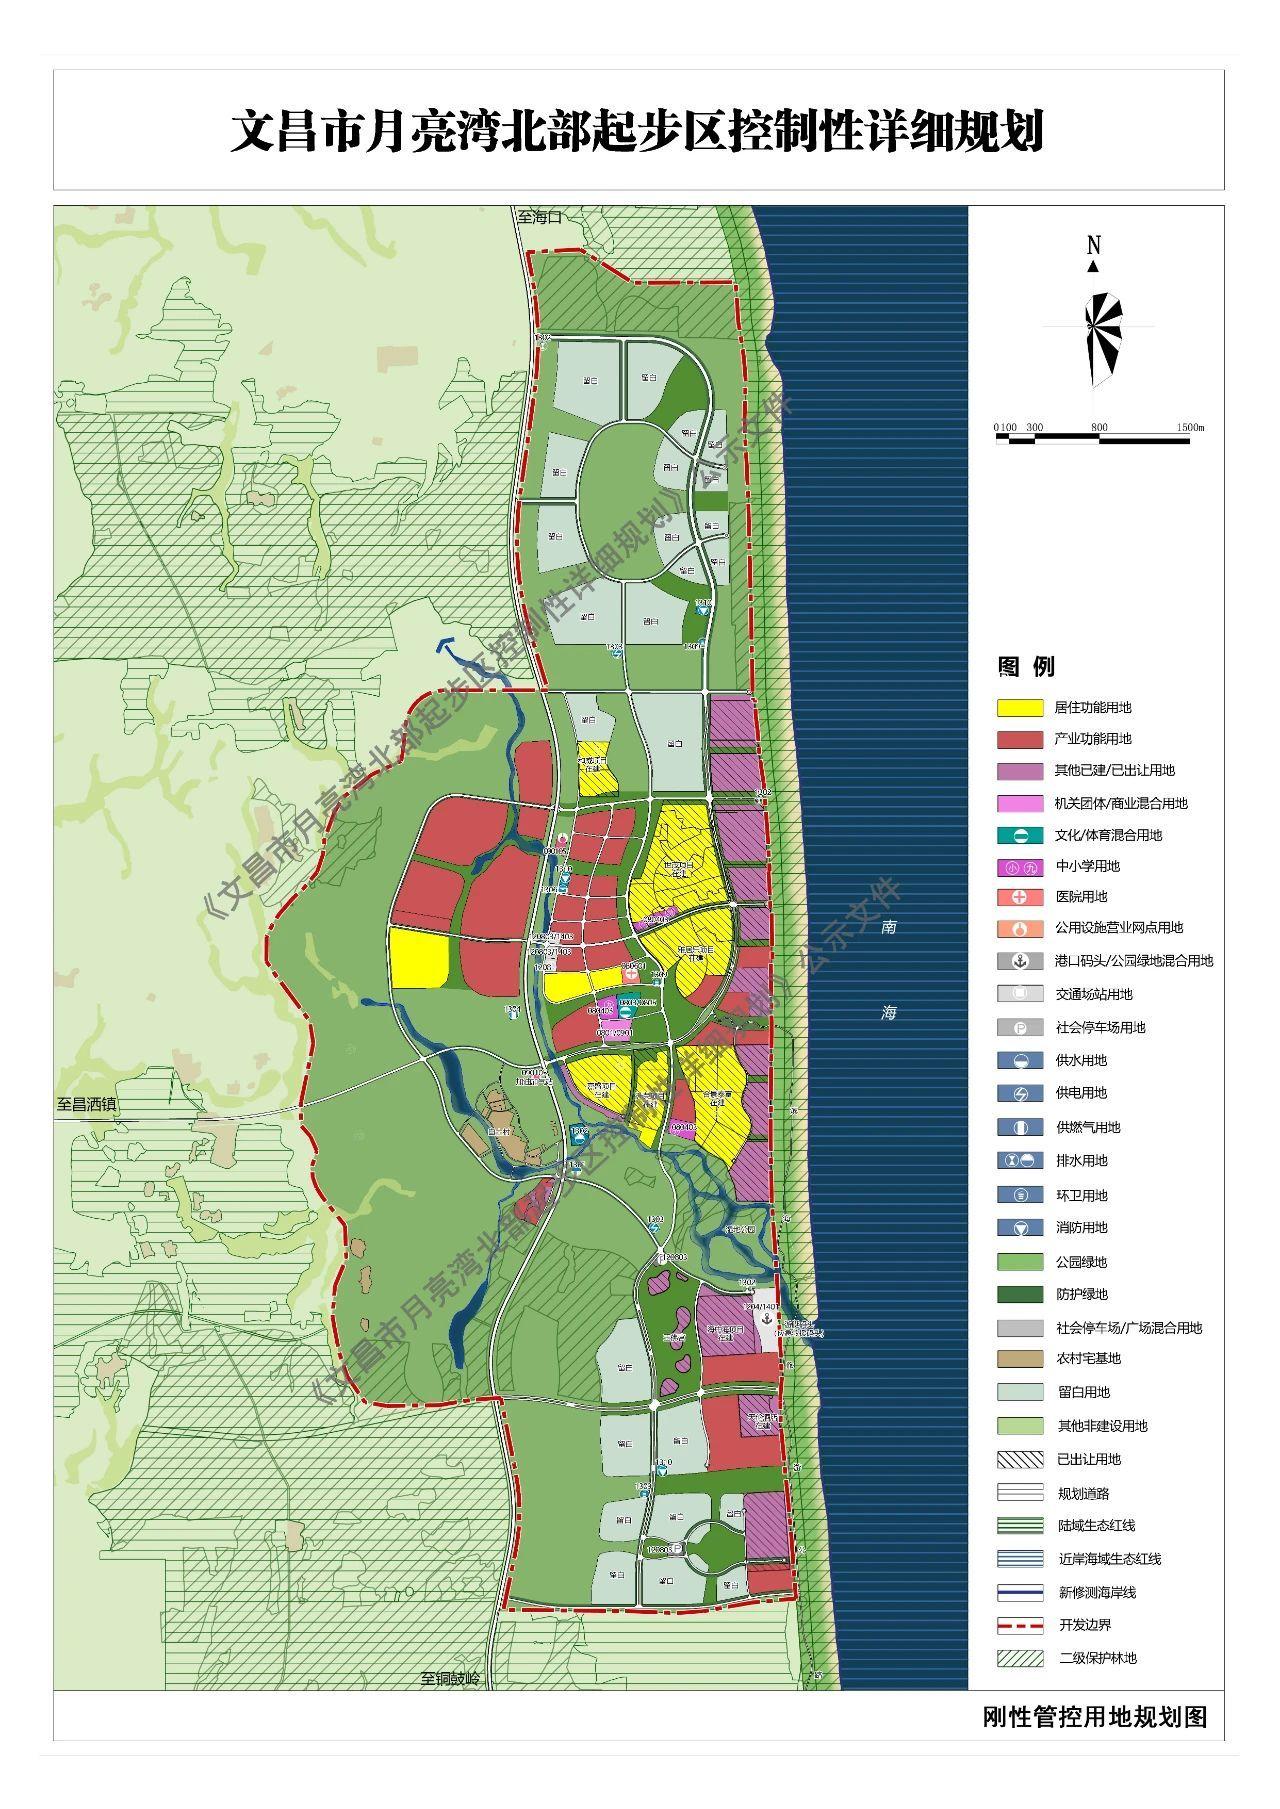 刚性管控用地规划图